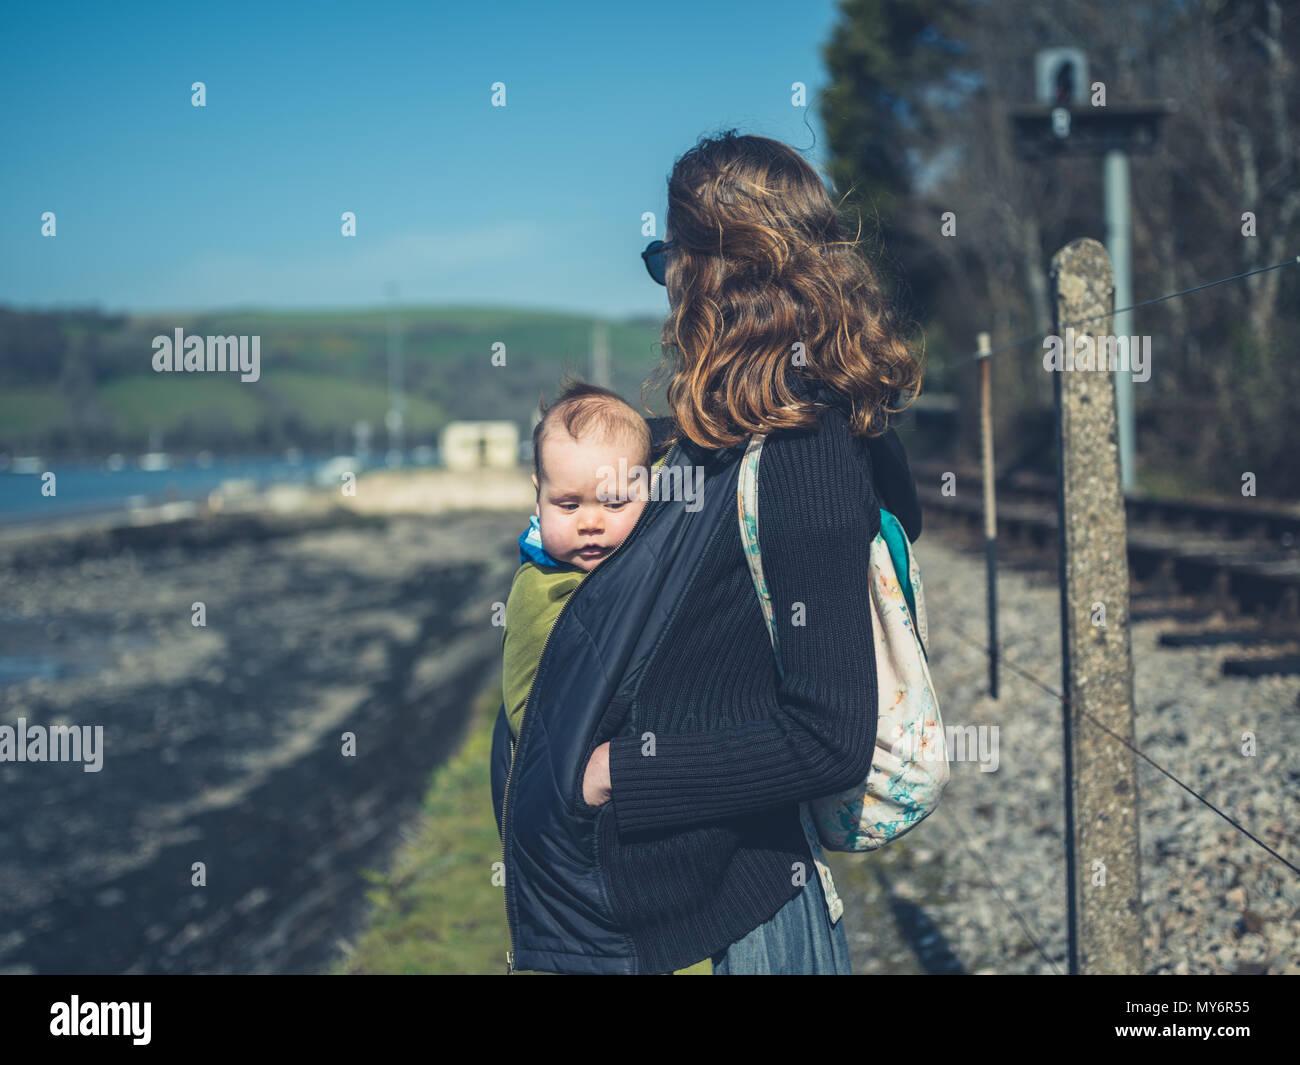 Una giovane madre sta portando il suo bambino in una imbracatura all'aperto Immagini Stock